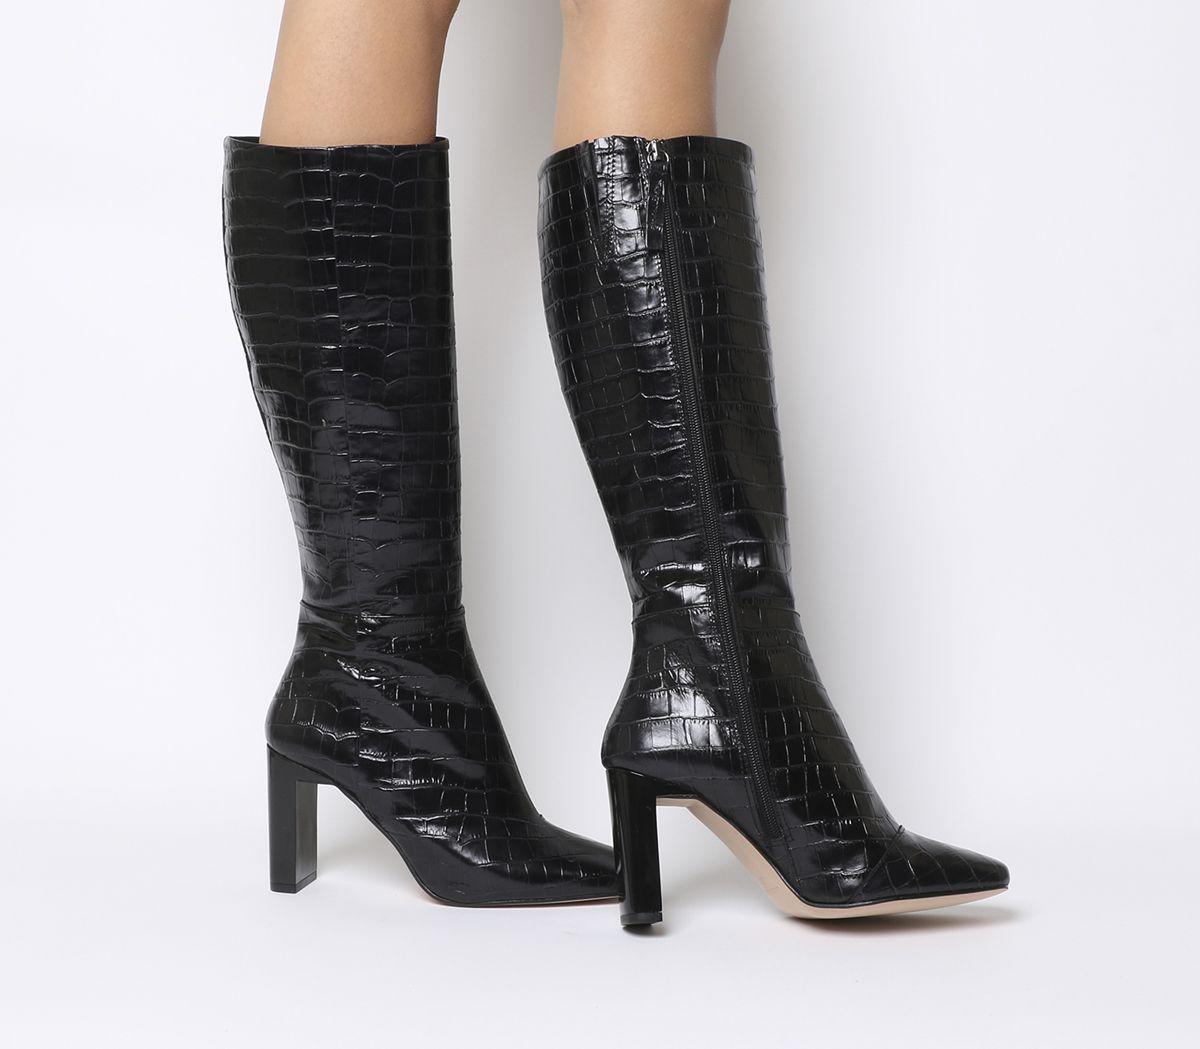 57c6cbdf480 Office Kobra Back Heel Knee Boots Black Croc Leather - Knee Boots